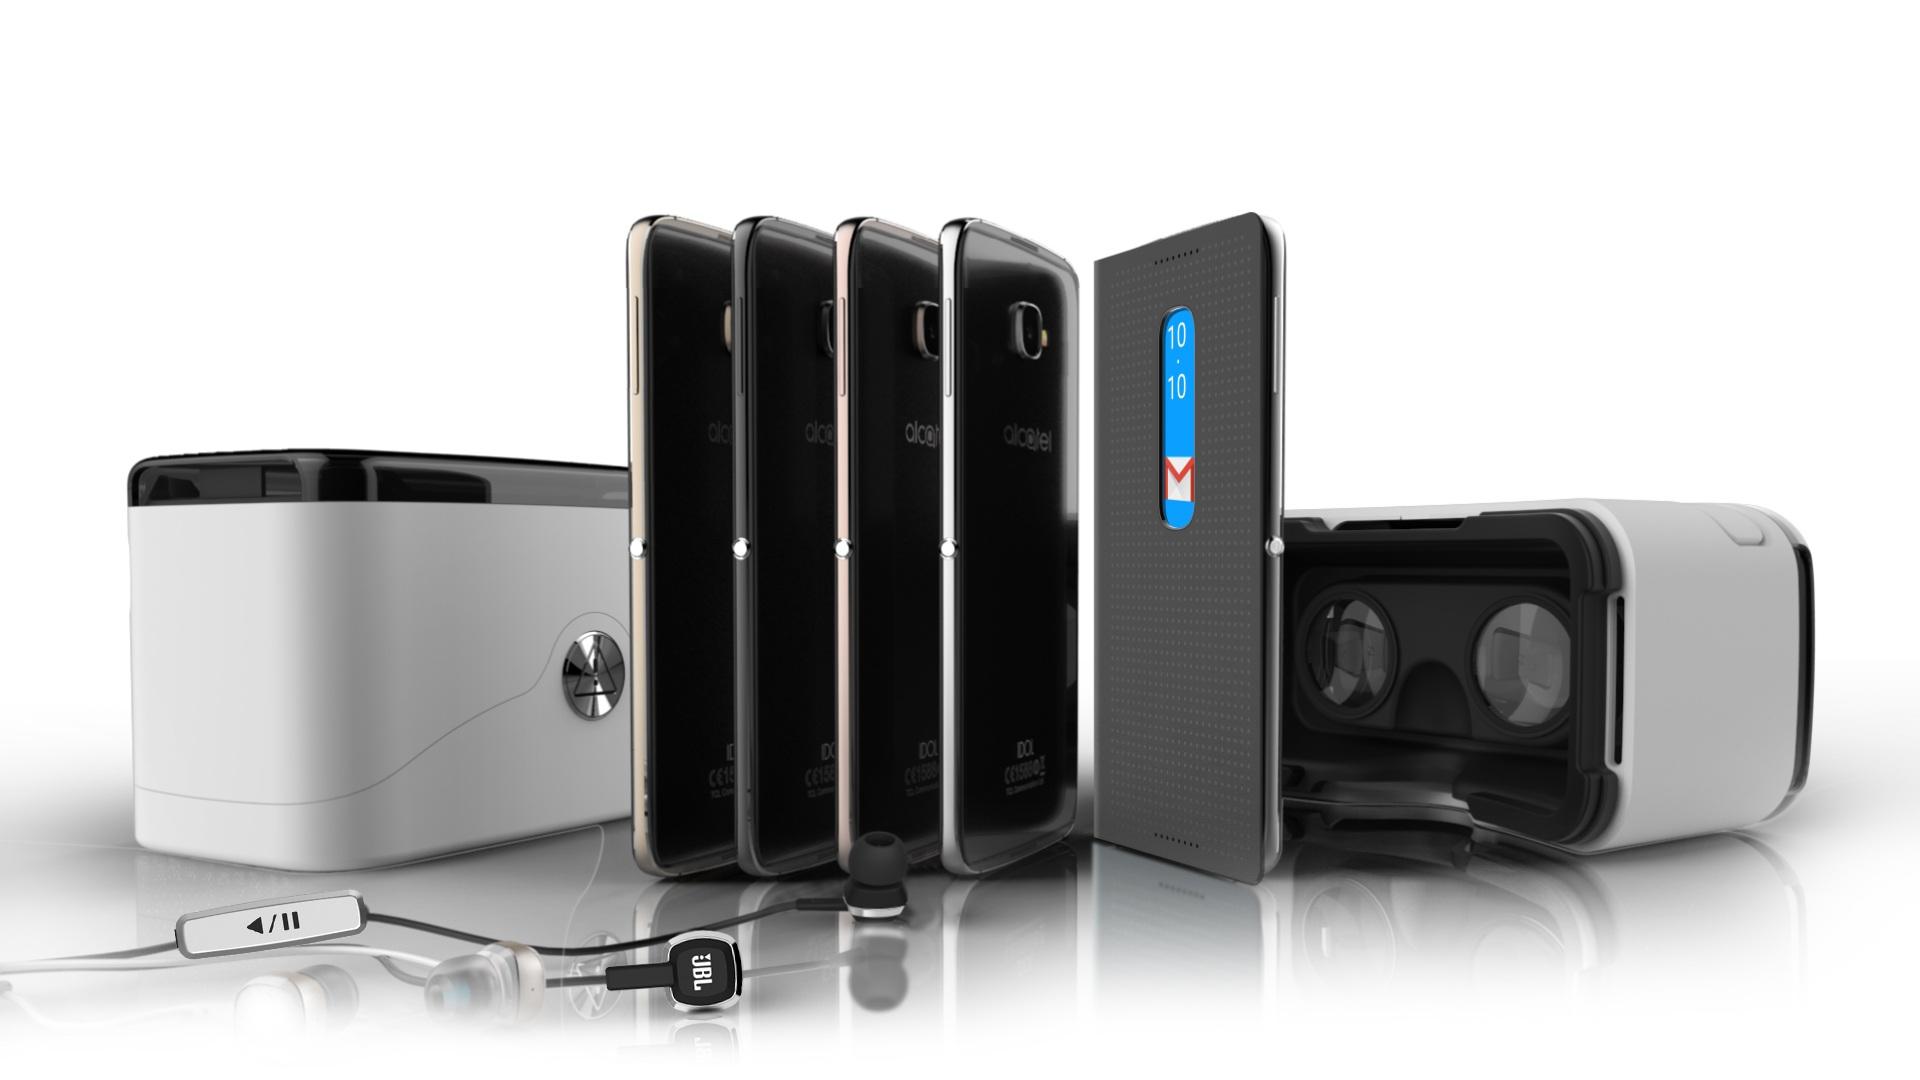 Takto vyzerá príslušenstvo pre IDOL 4S – okuliare pre virtuálnu realitu a slúchadlá JBL. Foto: Alcatel